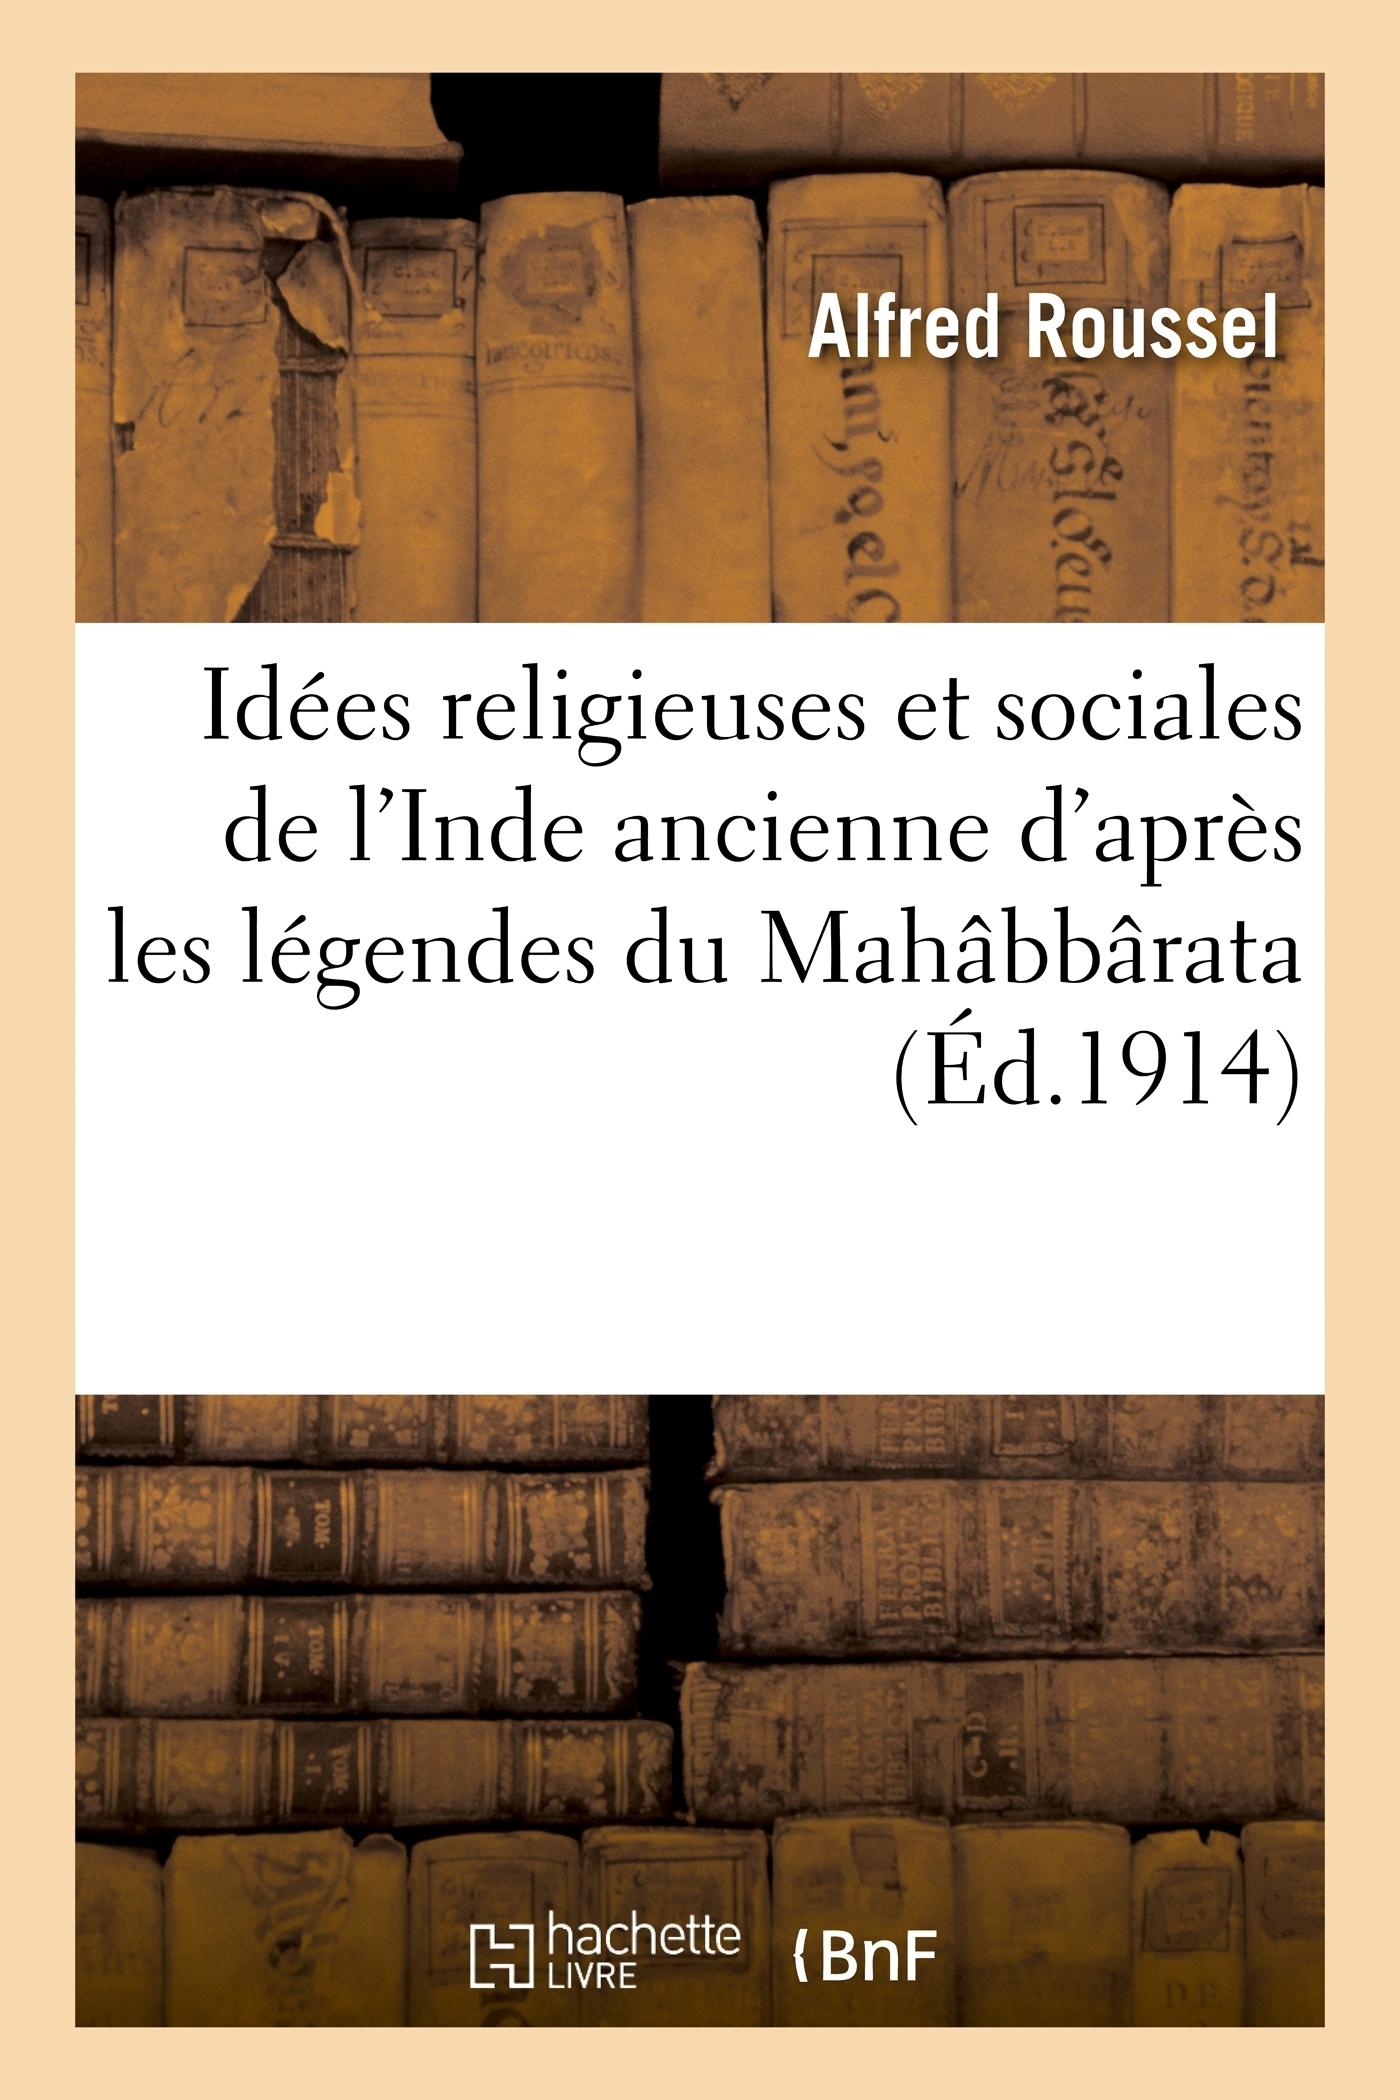 IDEES RELIGIEUSES ET SOCIALES DE L'INDE ANCIENNE D'APRES LES LEGENDES DU MAHABBARATA (SABHA-PARVAN)